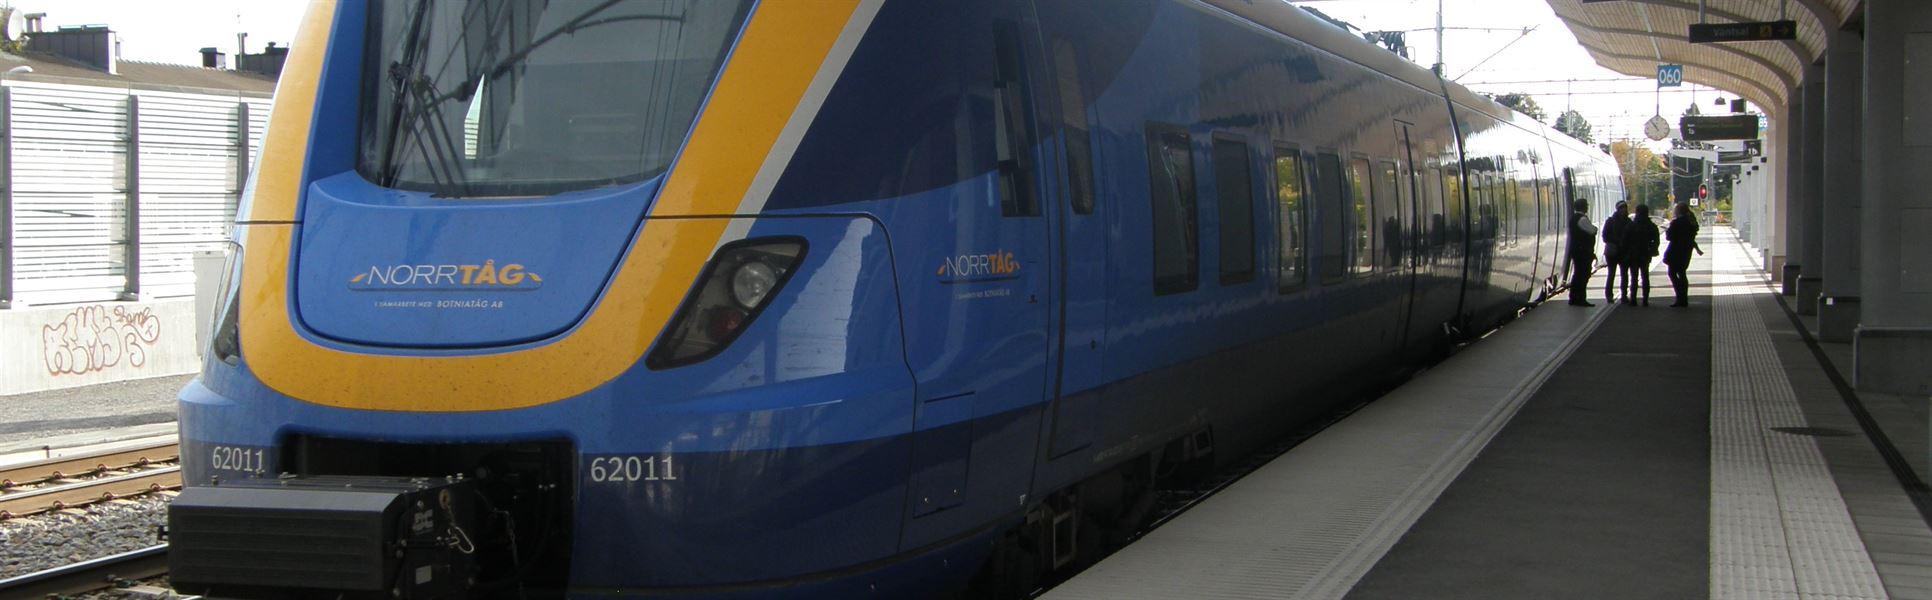 Tåg från Norrtåg, tågvagn vid perrong